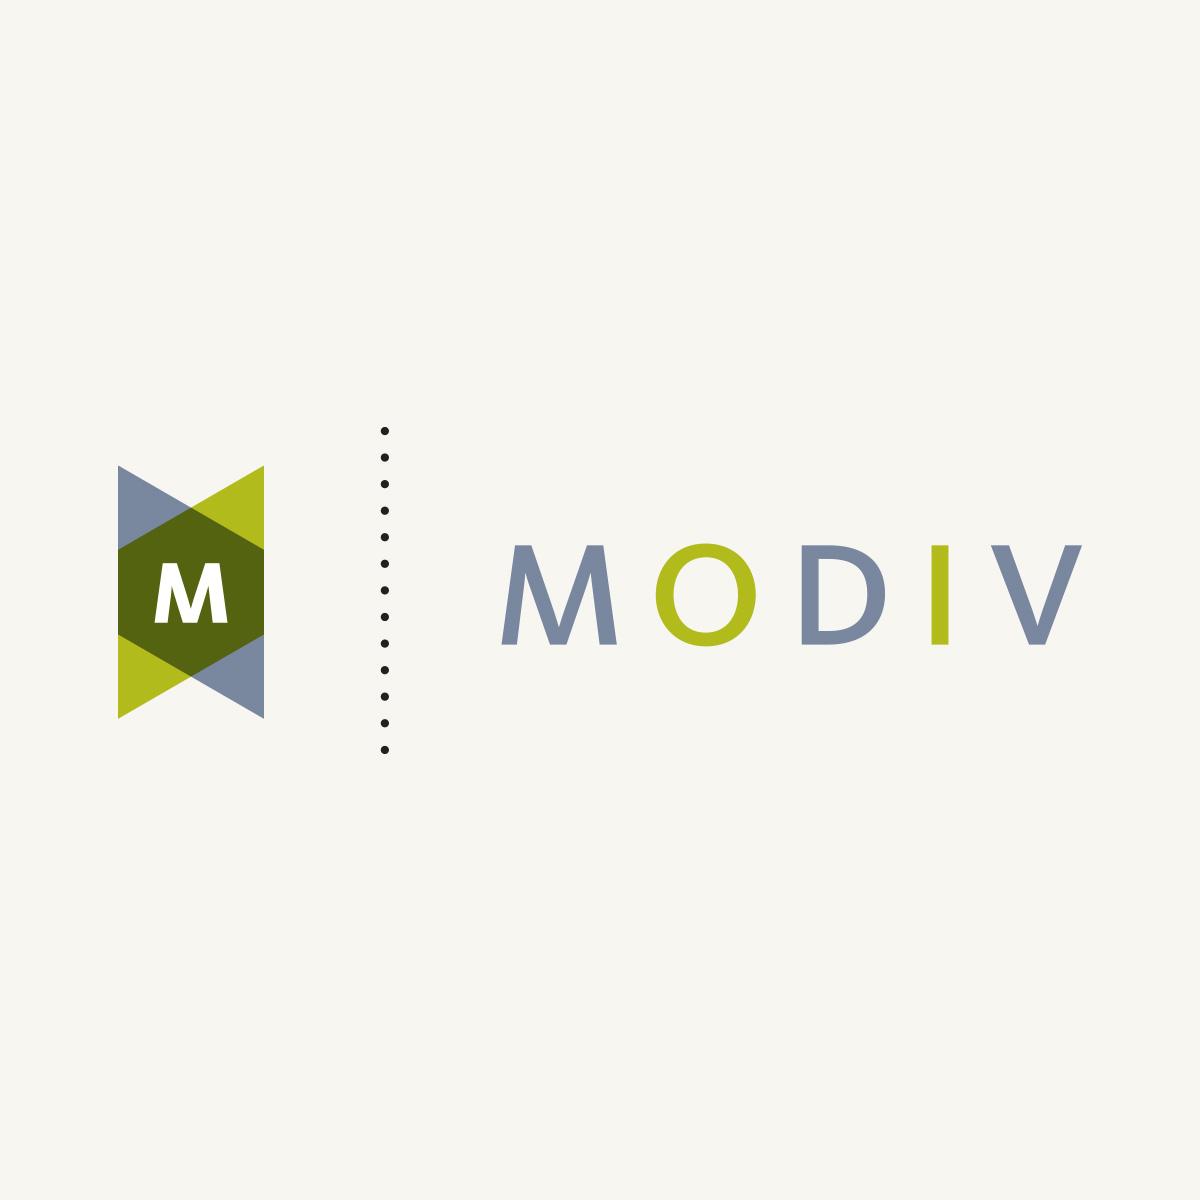 MODIV.jpg